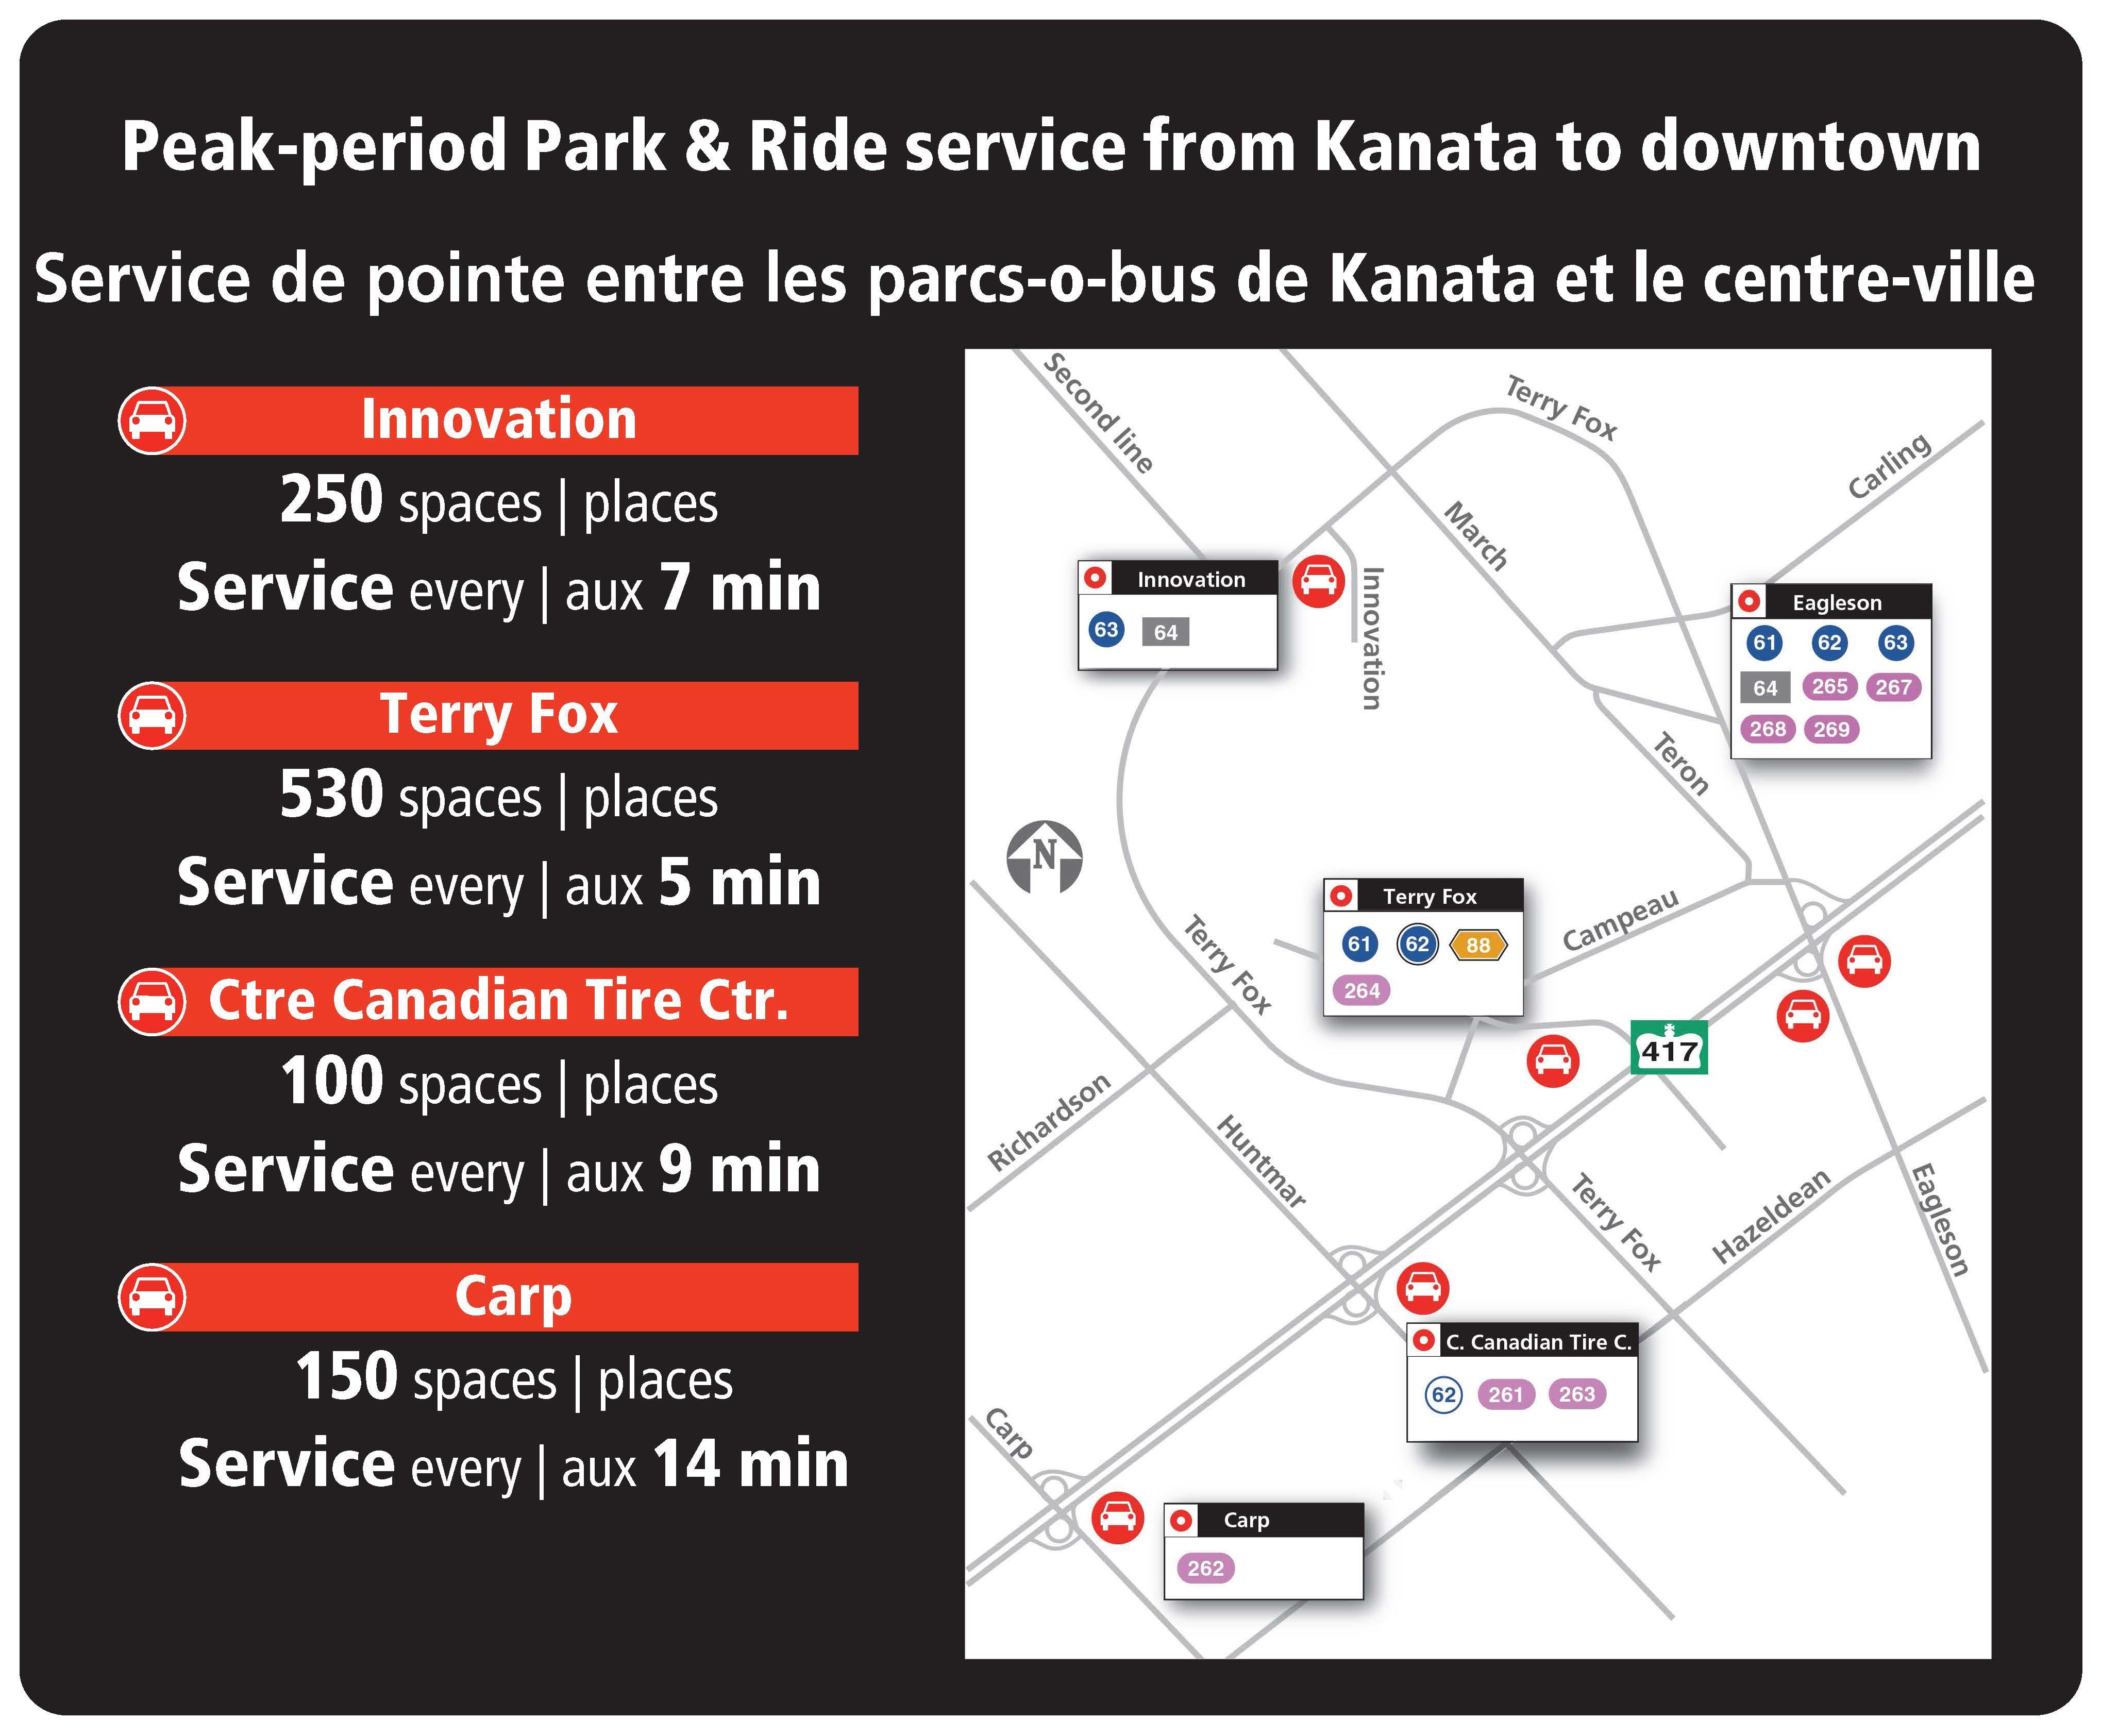 Options de parcs-o-bus à Kanata